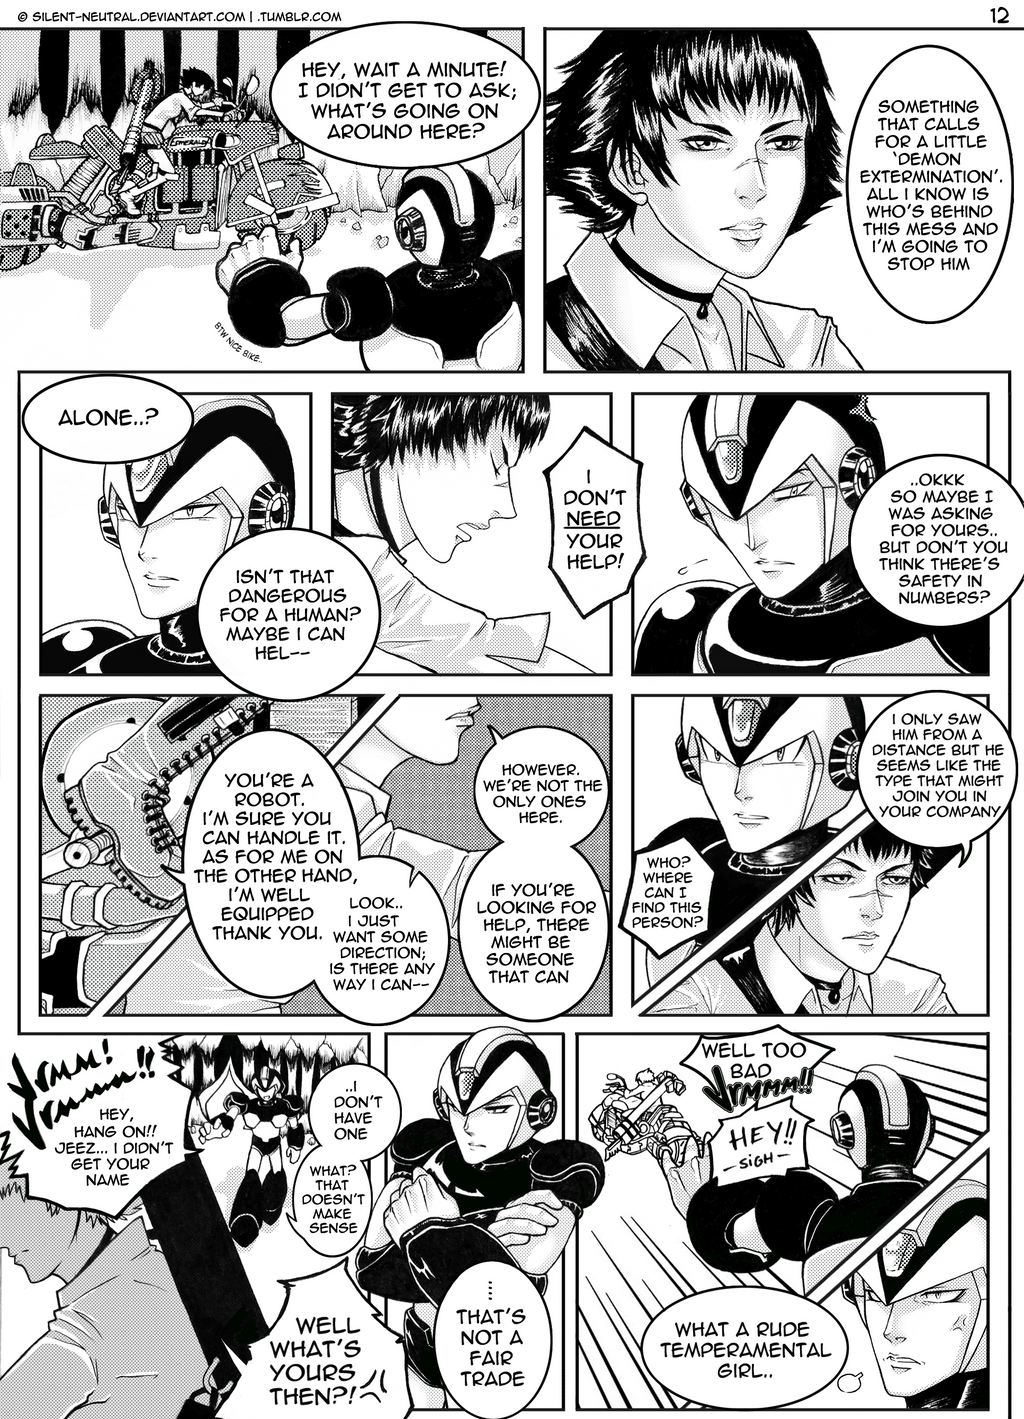 :CapcomUniverse: DevilWorld.12 by Silent-Neutral